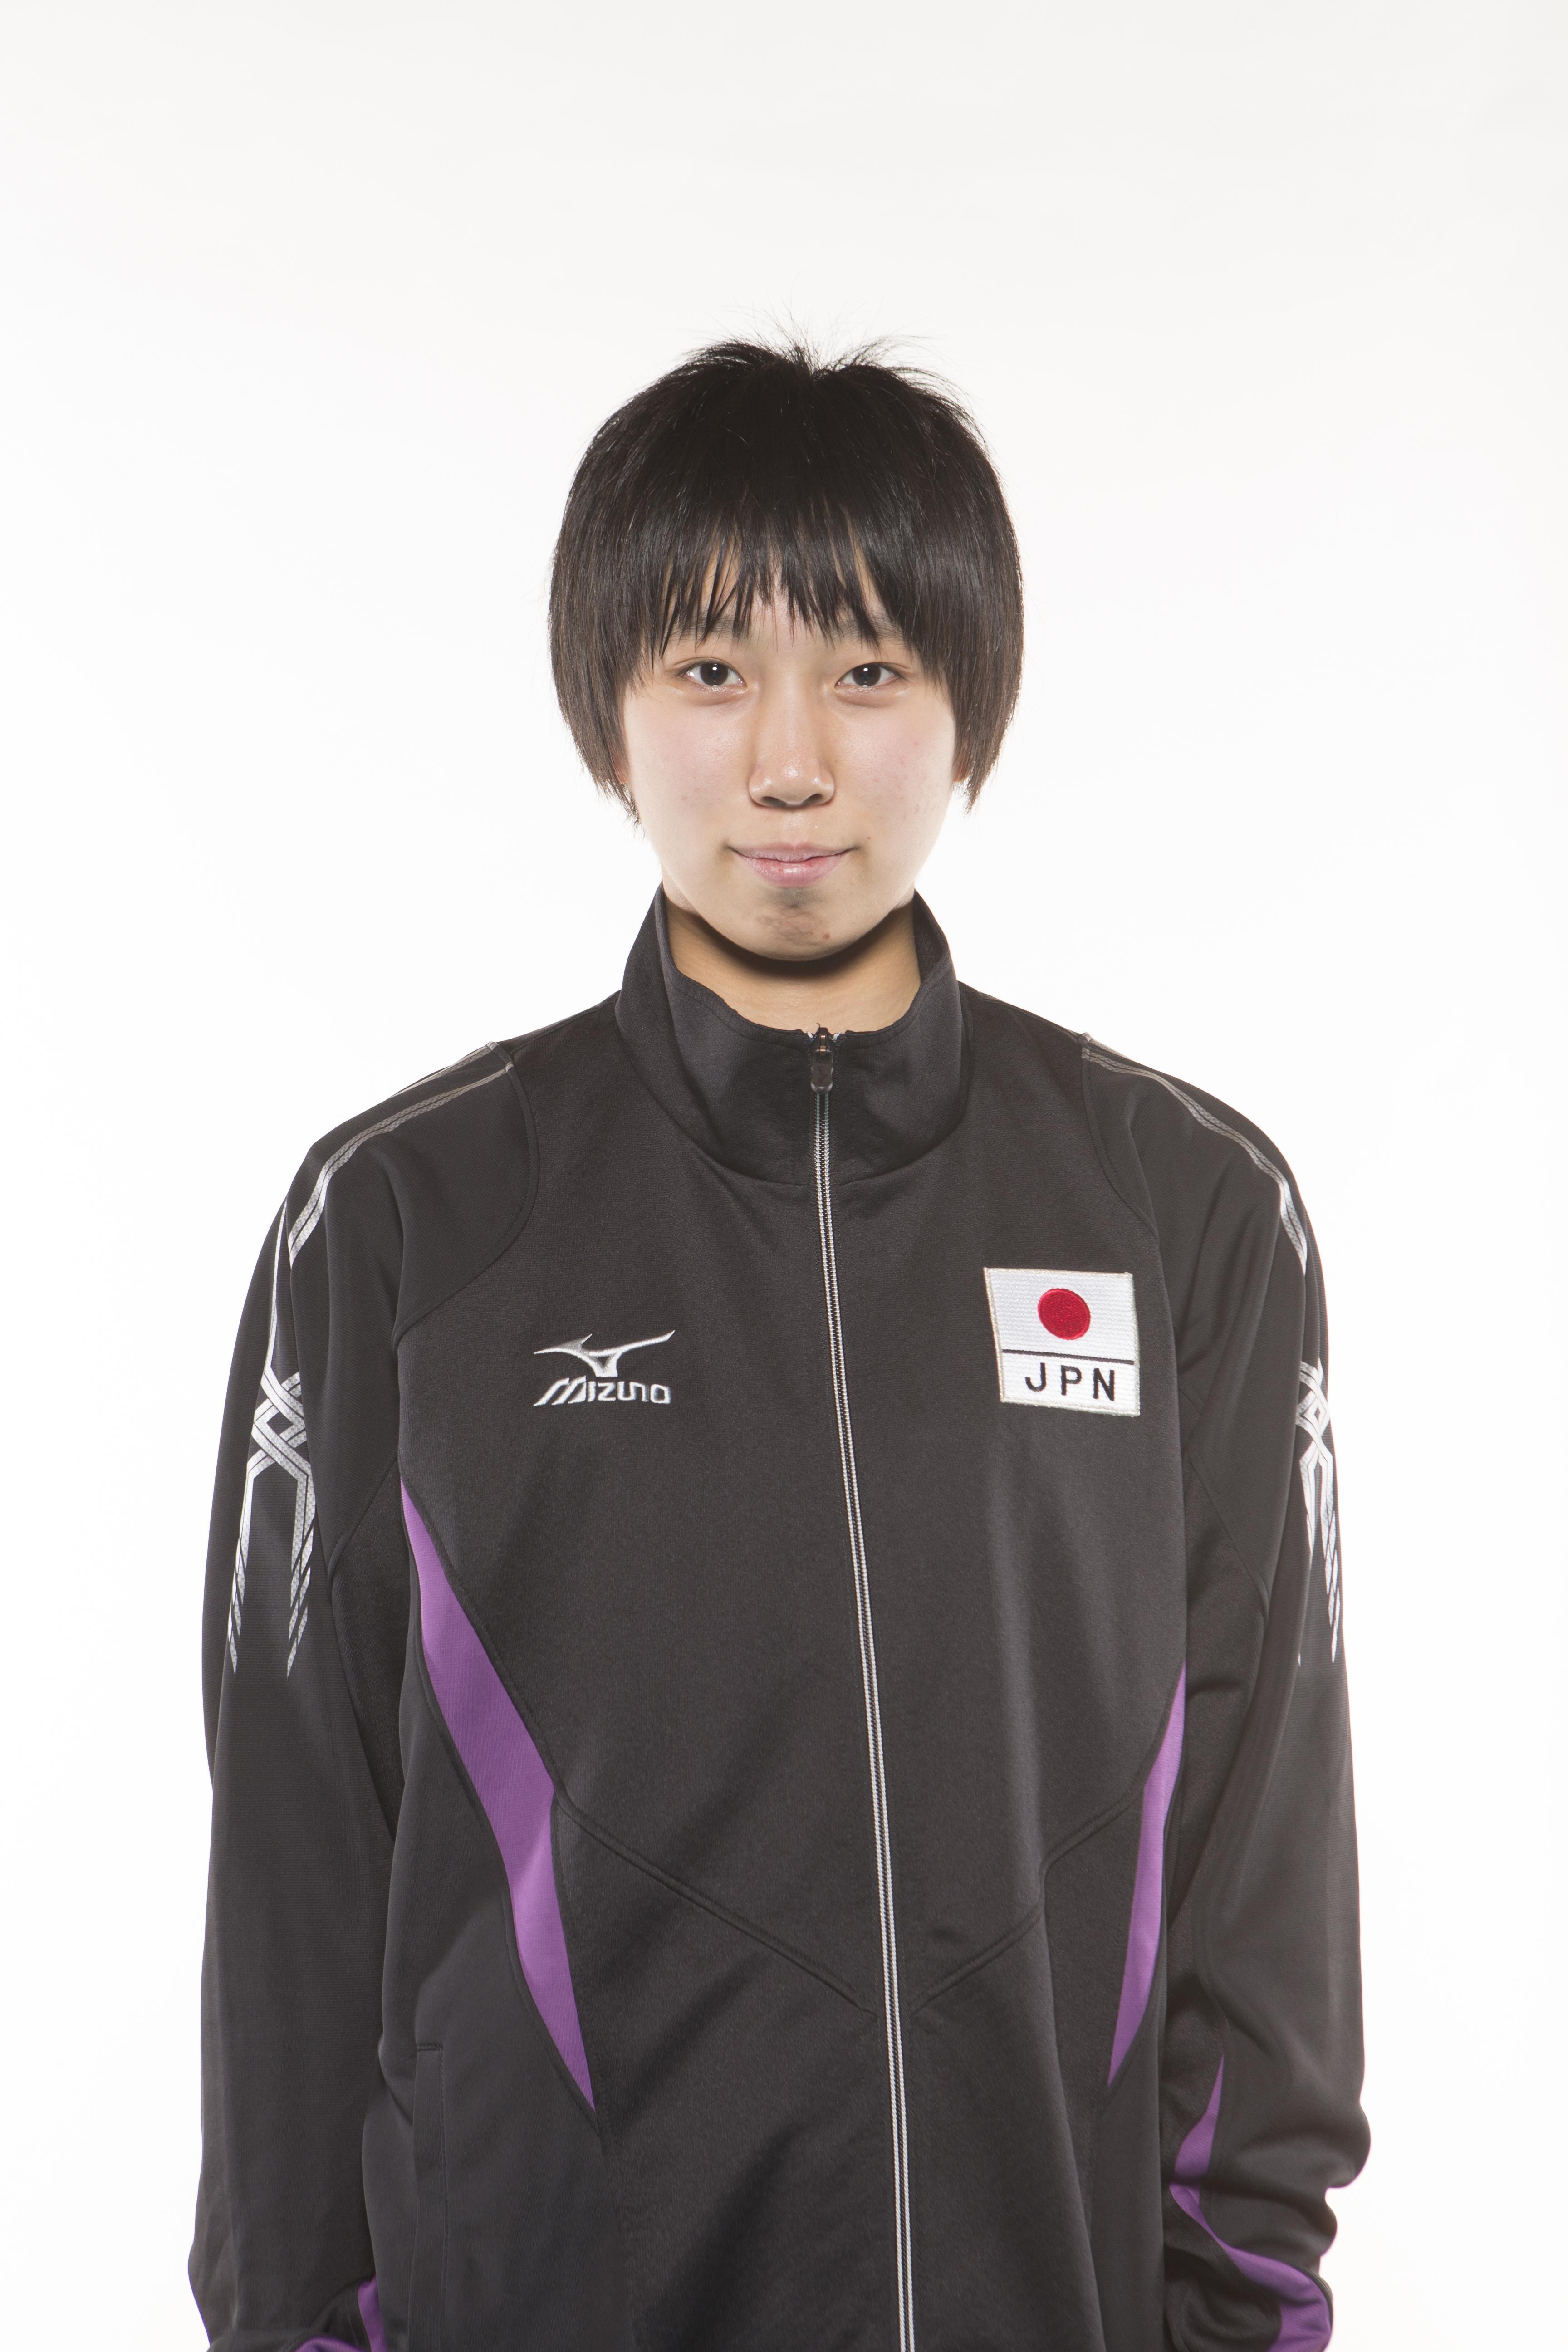 Shino Nakata